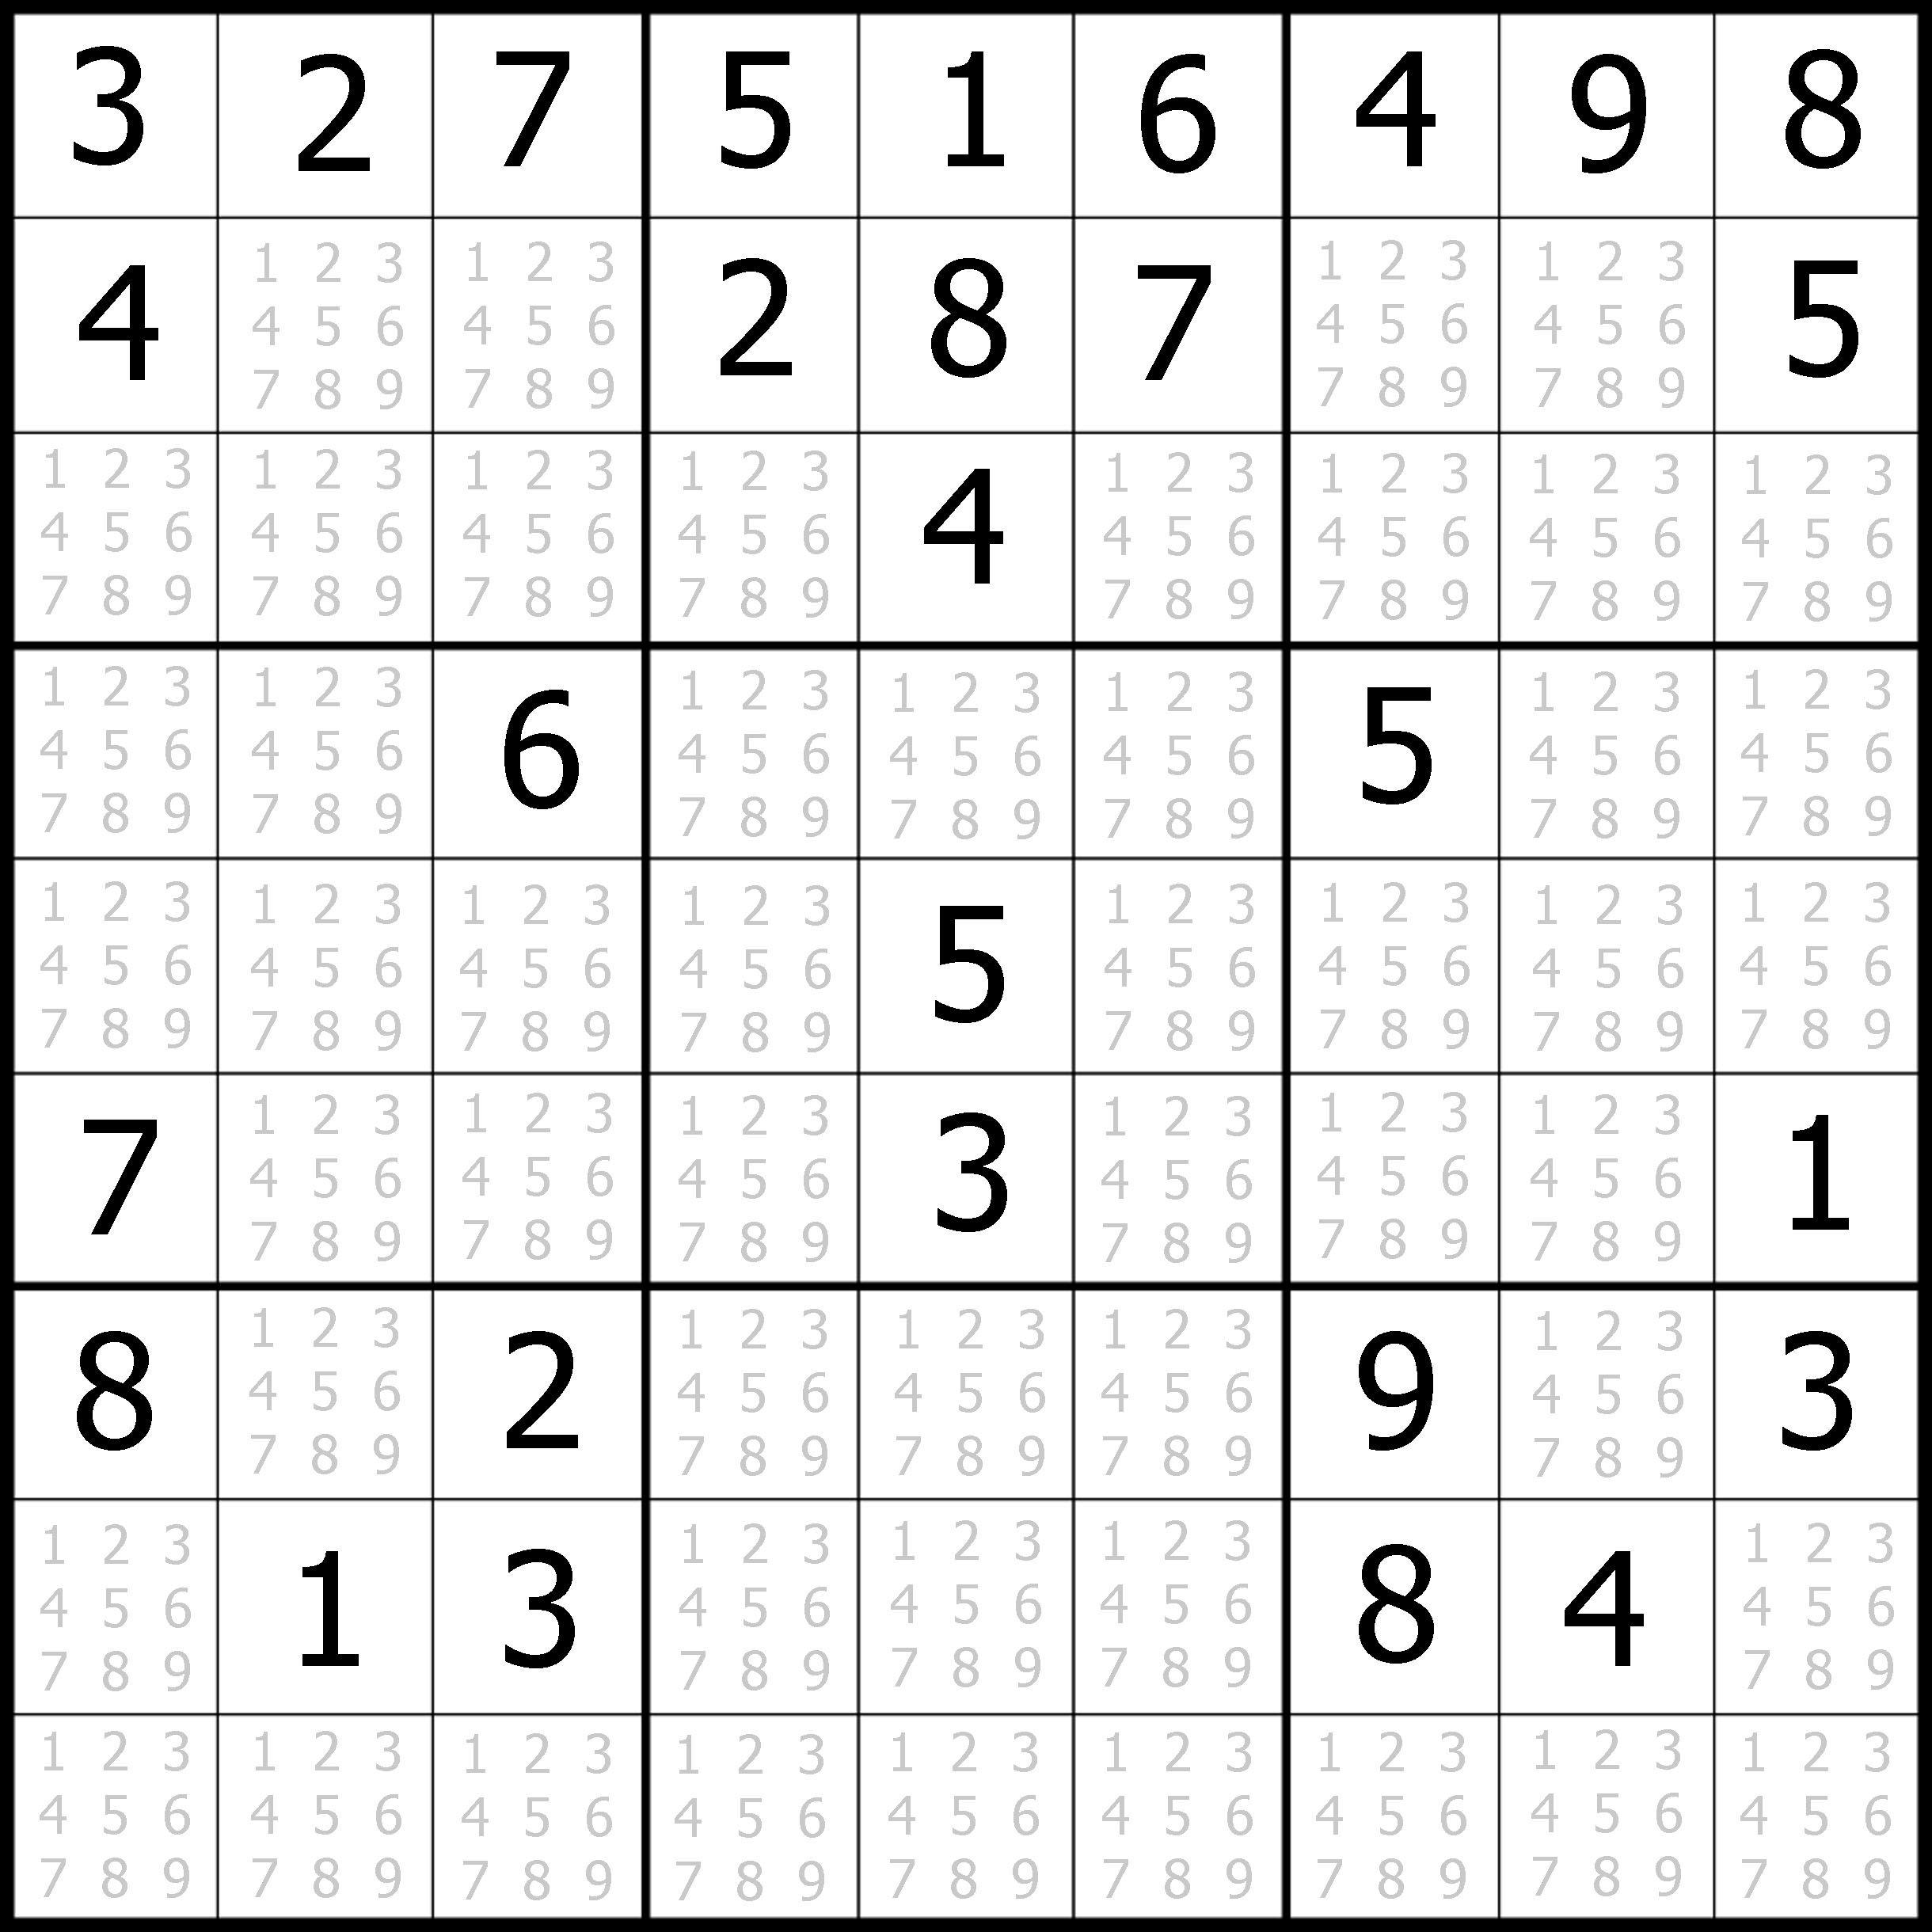 Sudoku Printable | Free, Medium, Printable Sudoku Puzzle #1 | My - Printable Sudoku Puzzles Medium